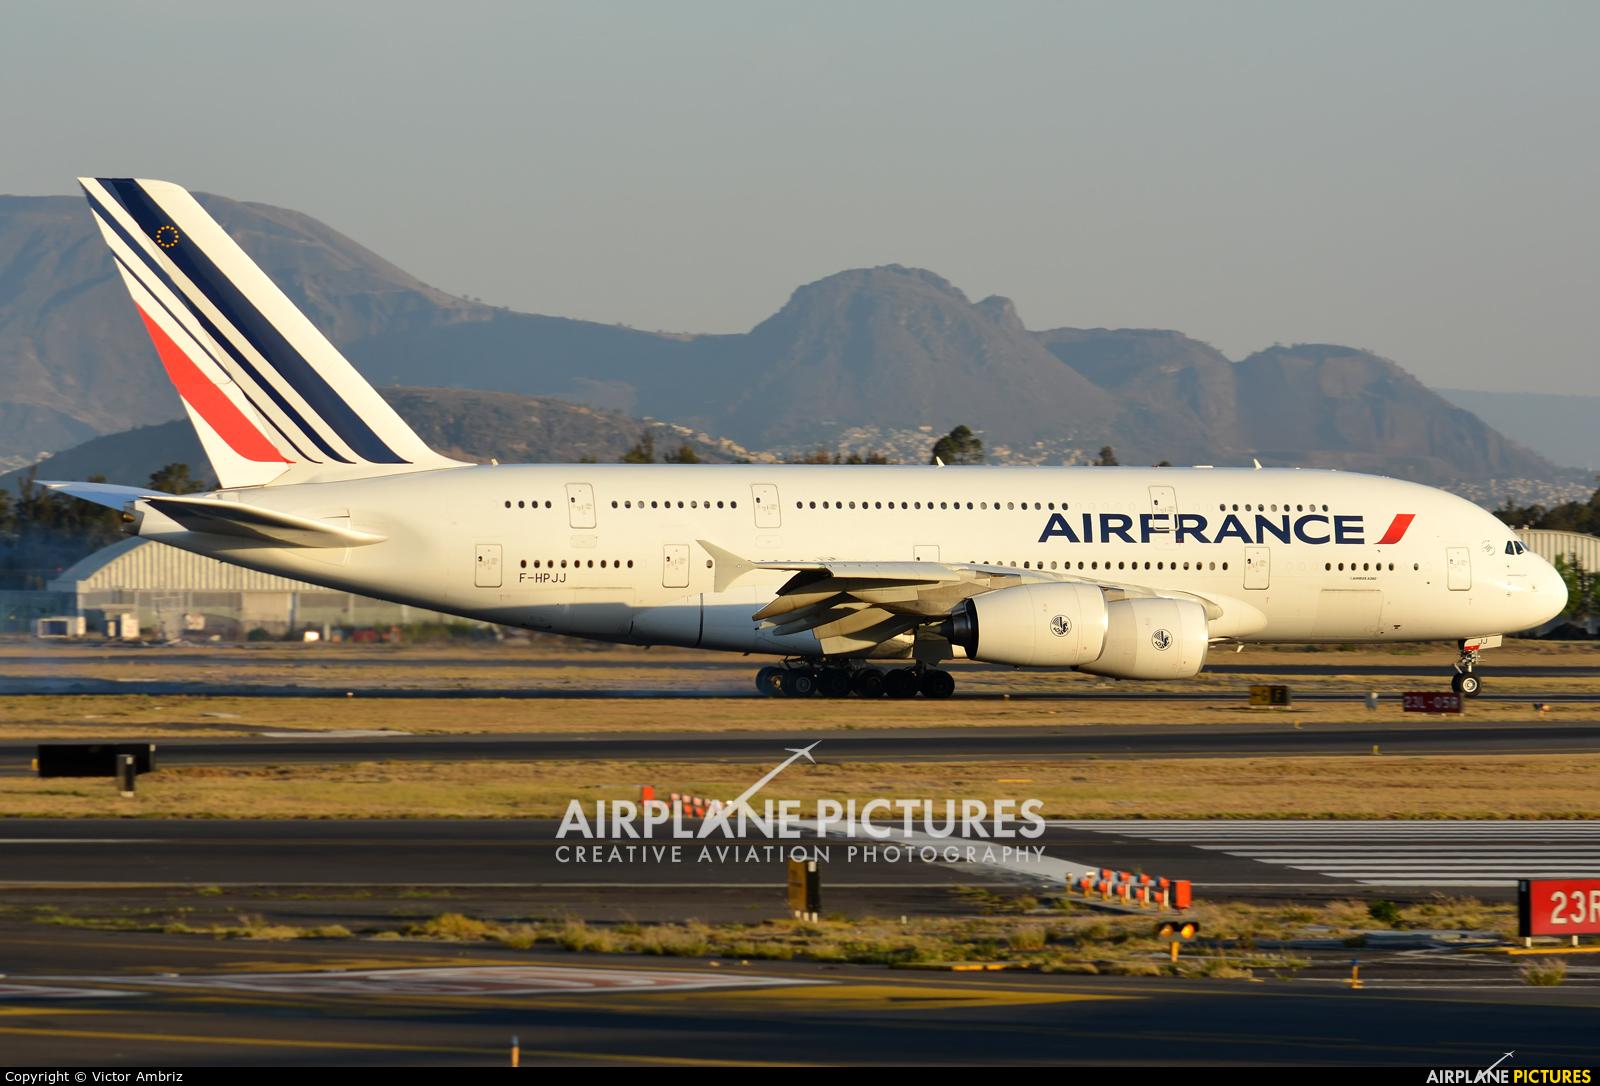 Air France F-HPJJ aircraft at Mexico City - Licenciado Benito Juarez Intl